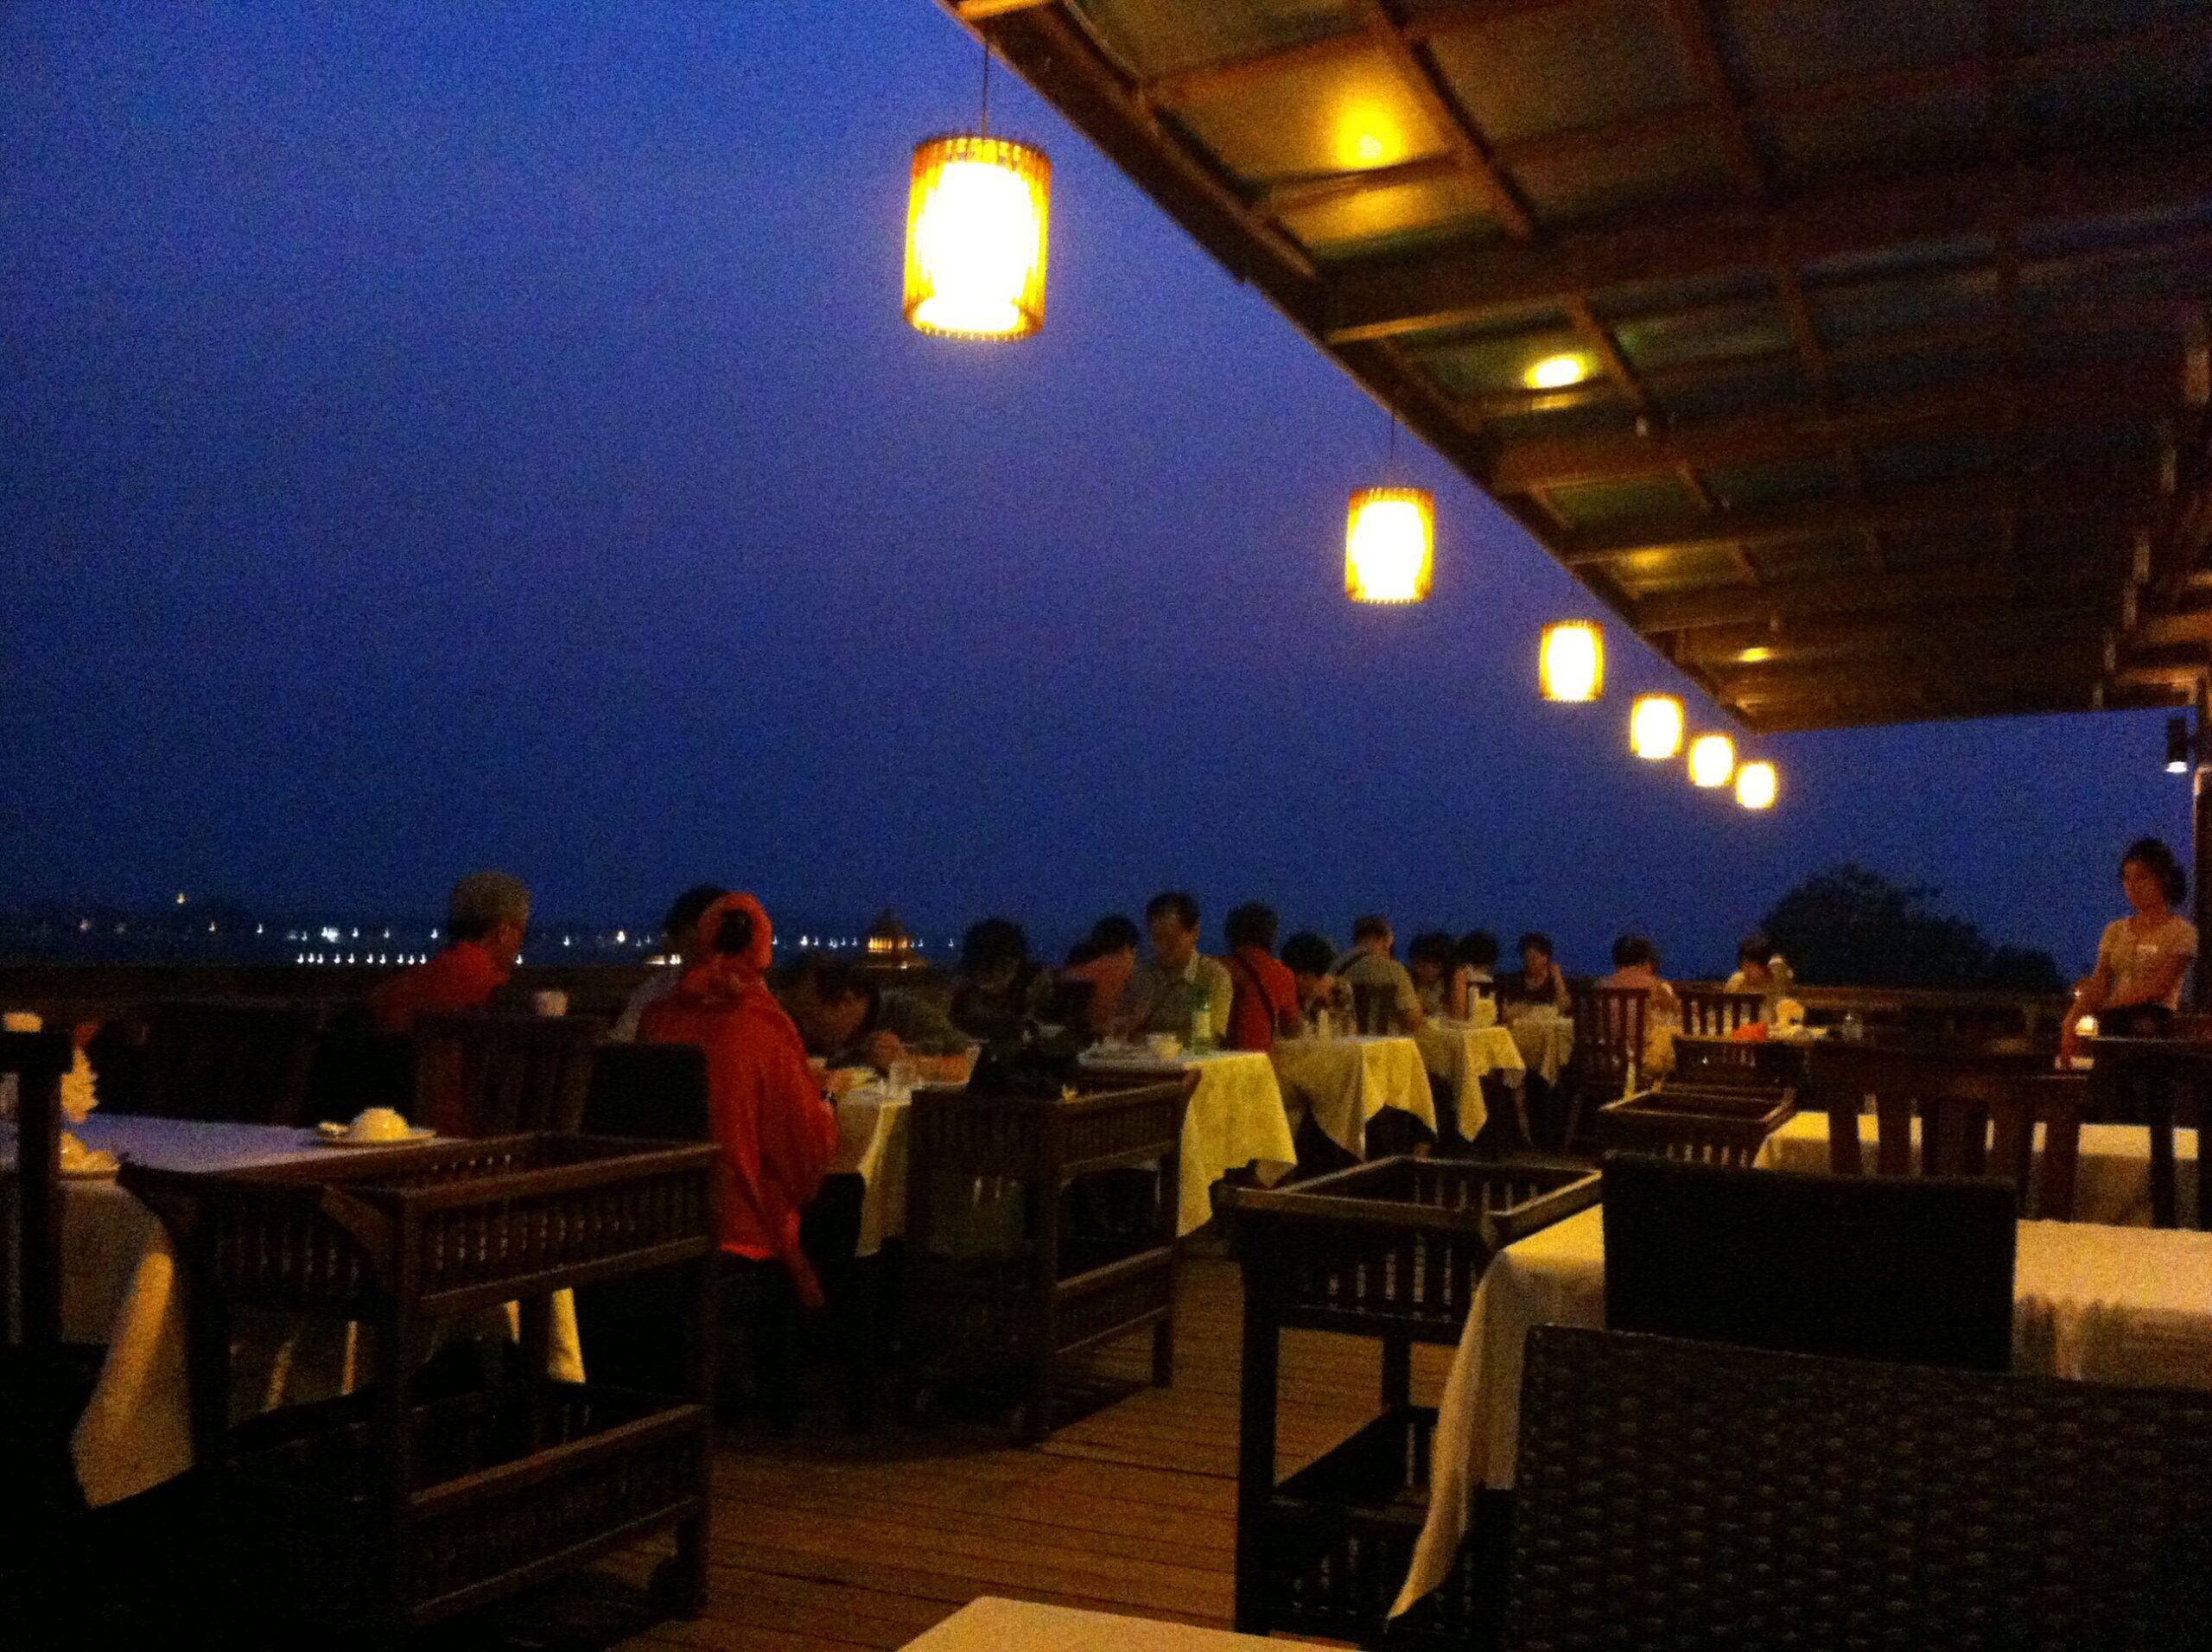 世界のTOP10ルーフトップバーに入ったラオス・ビエンチャンのMajestic View(Sengtawan Riverside Hotel)に行ってきました